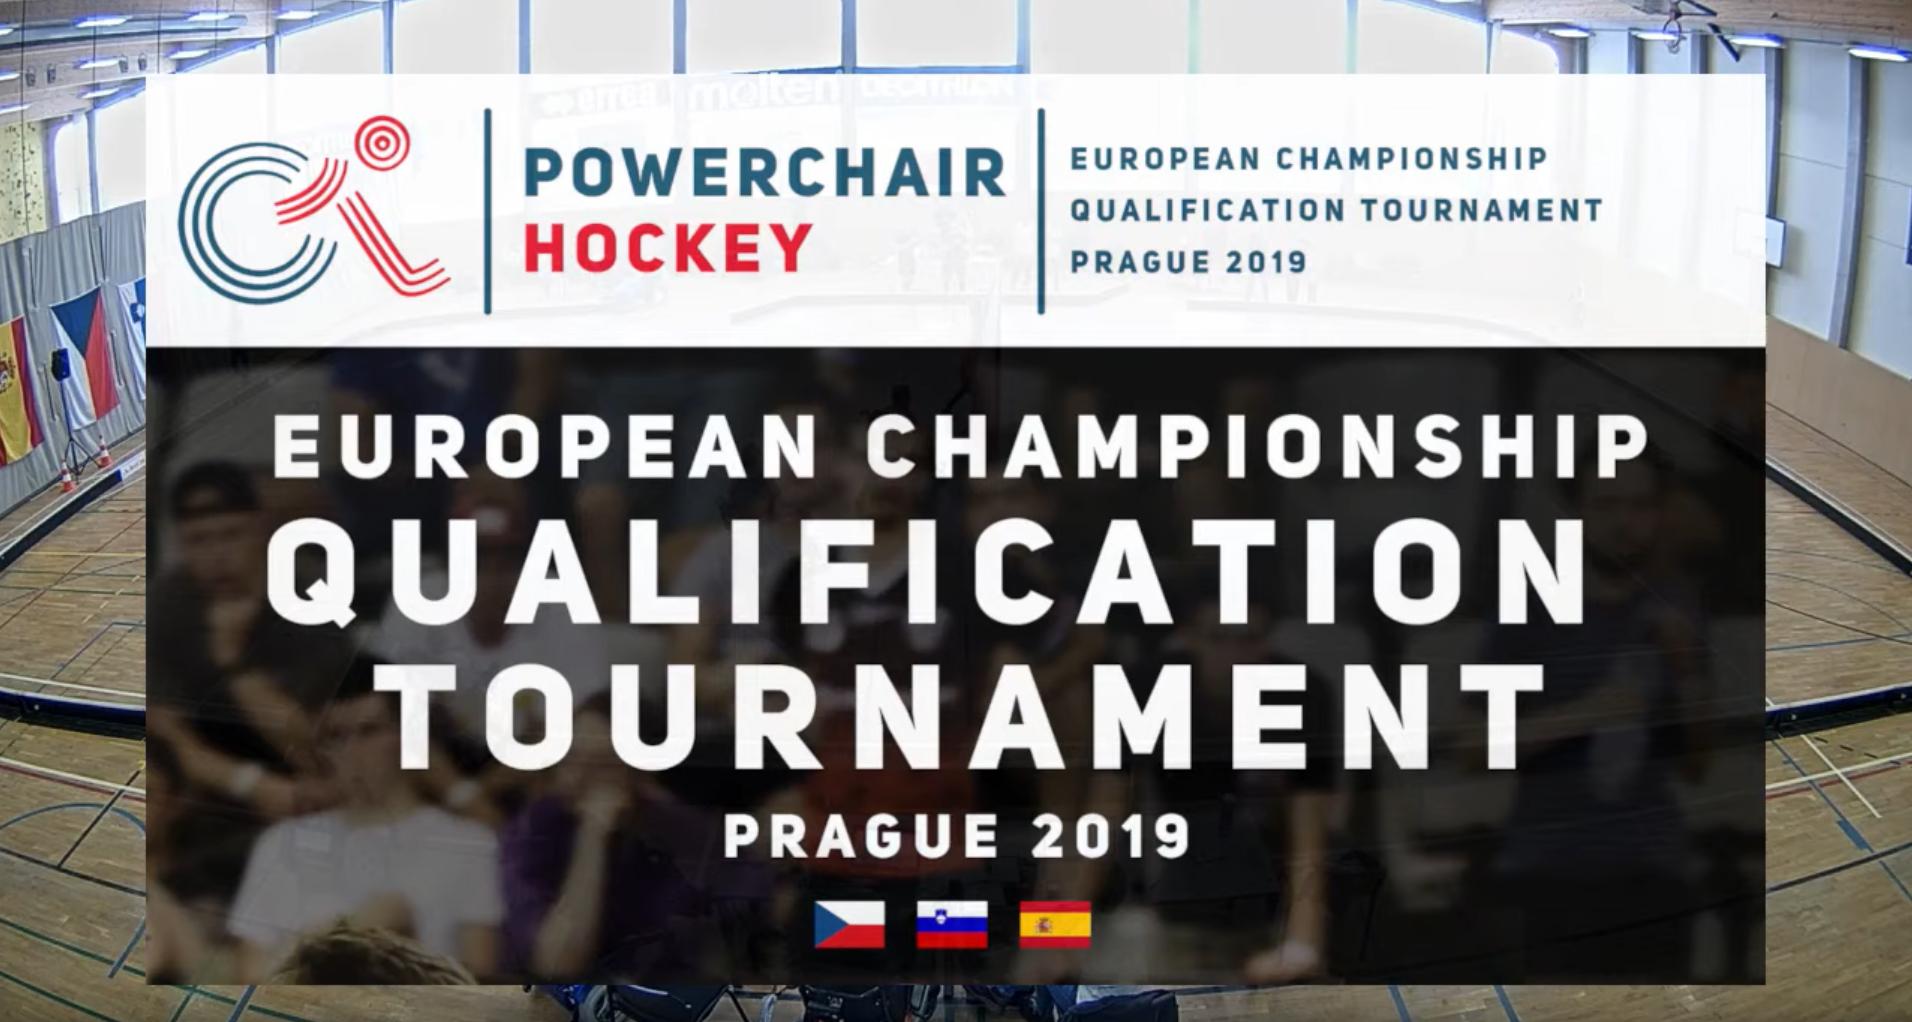 Záznamy utkání Kvalifikačního turnaje 2019